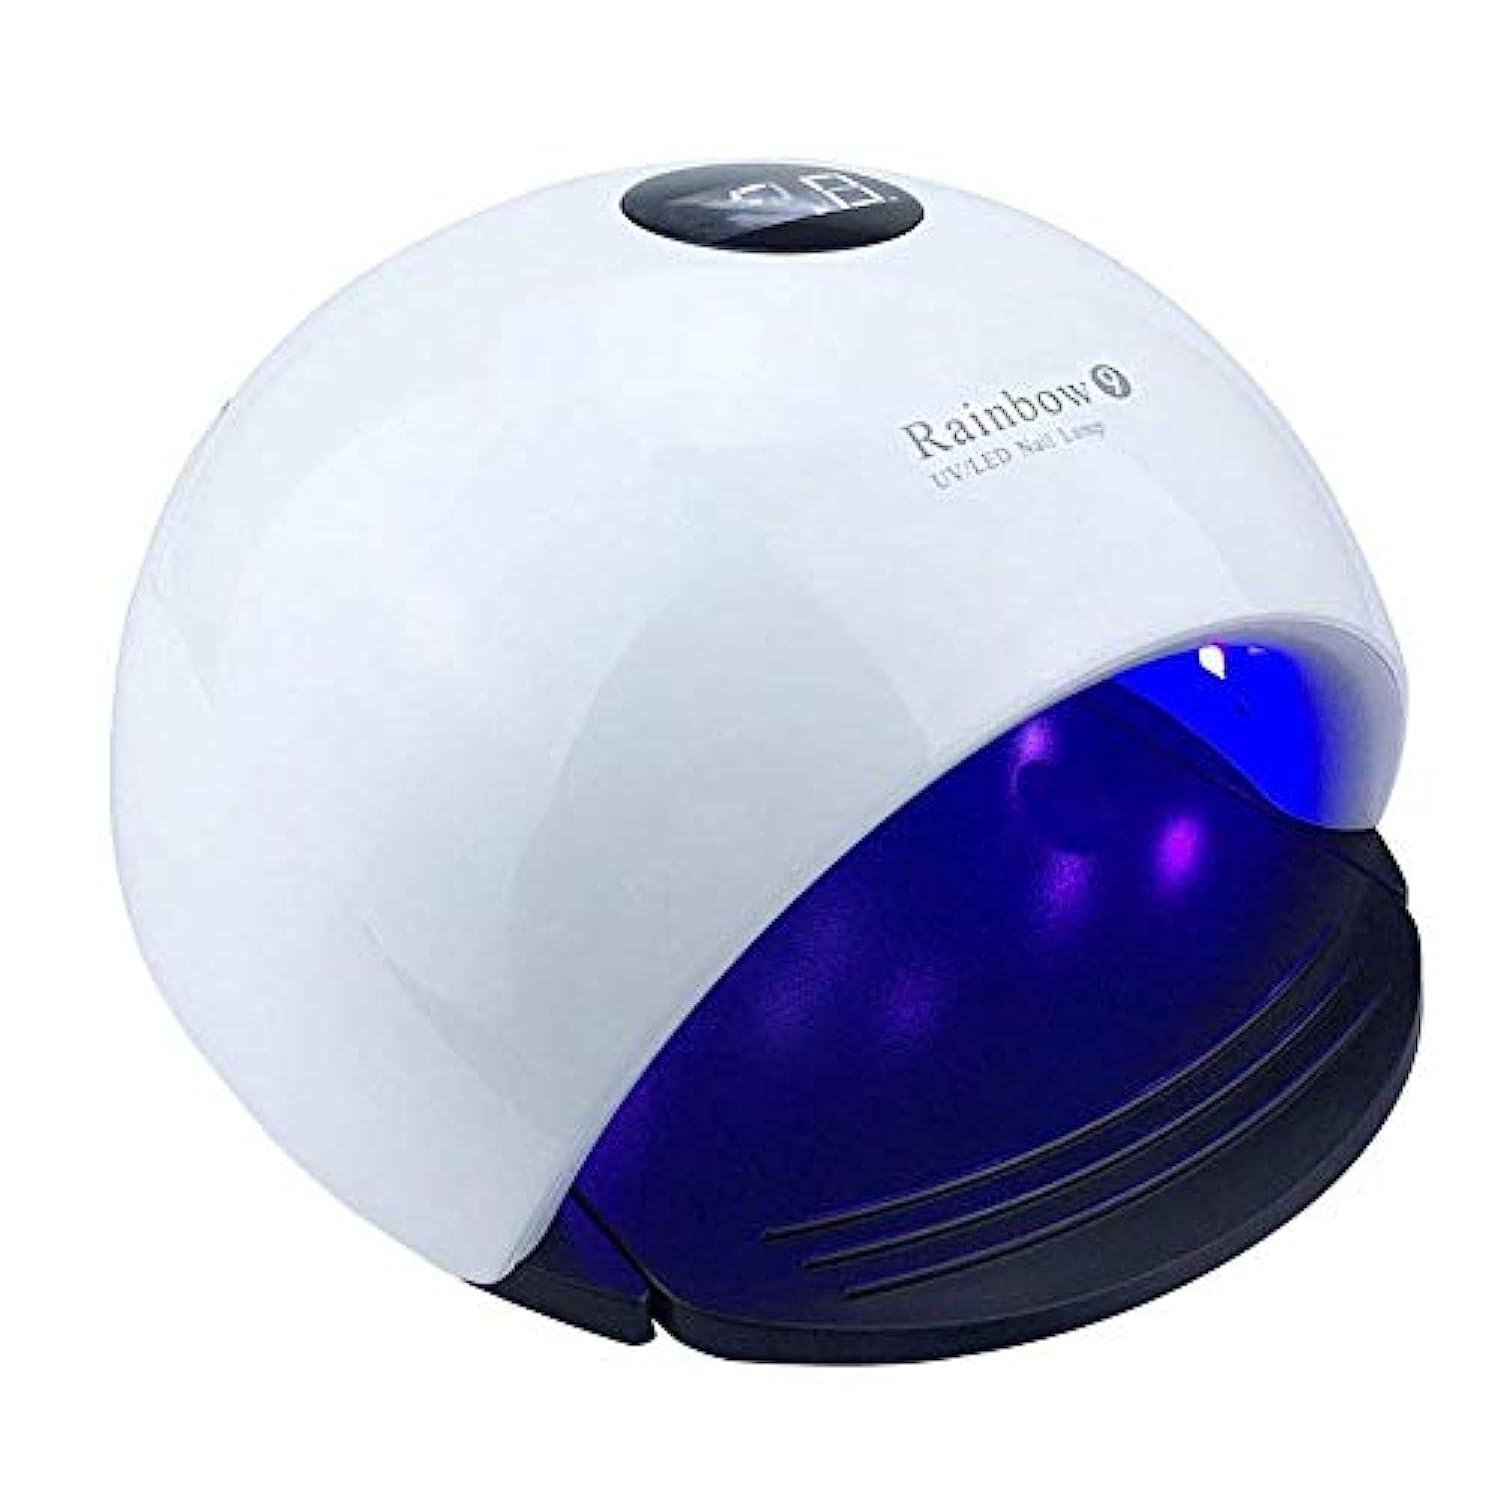 先祖スリップ北東ネイルドライヤーRainbow 9 UV Light 48Wネイルドライヤー24個入りLEDランプネイル用UV LEDネイルランプジェルネイル用硬化ポリッシュマニキュアツール、写真の色